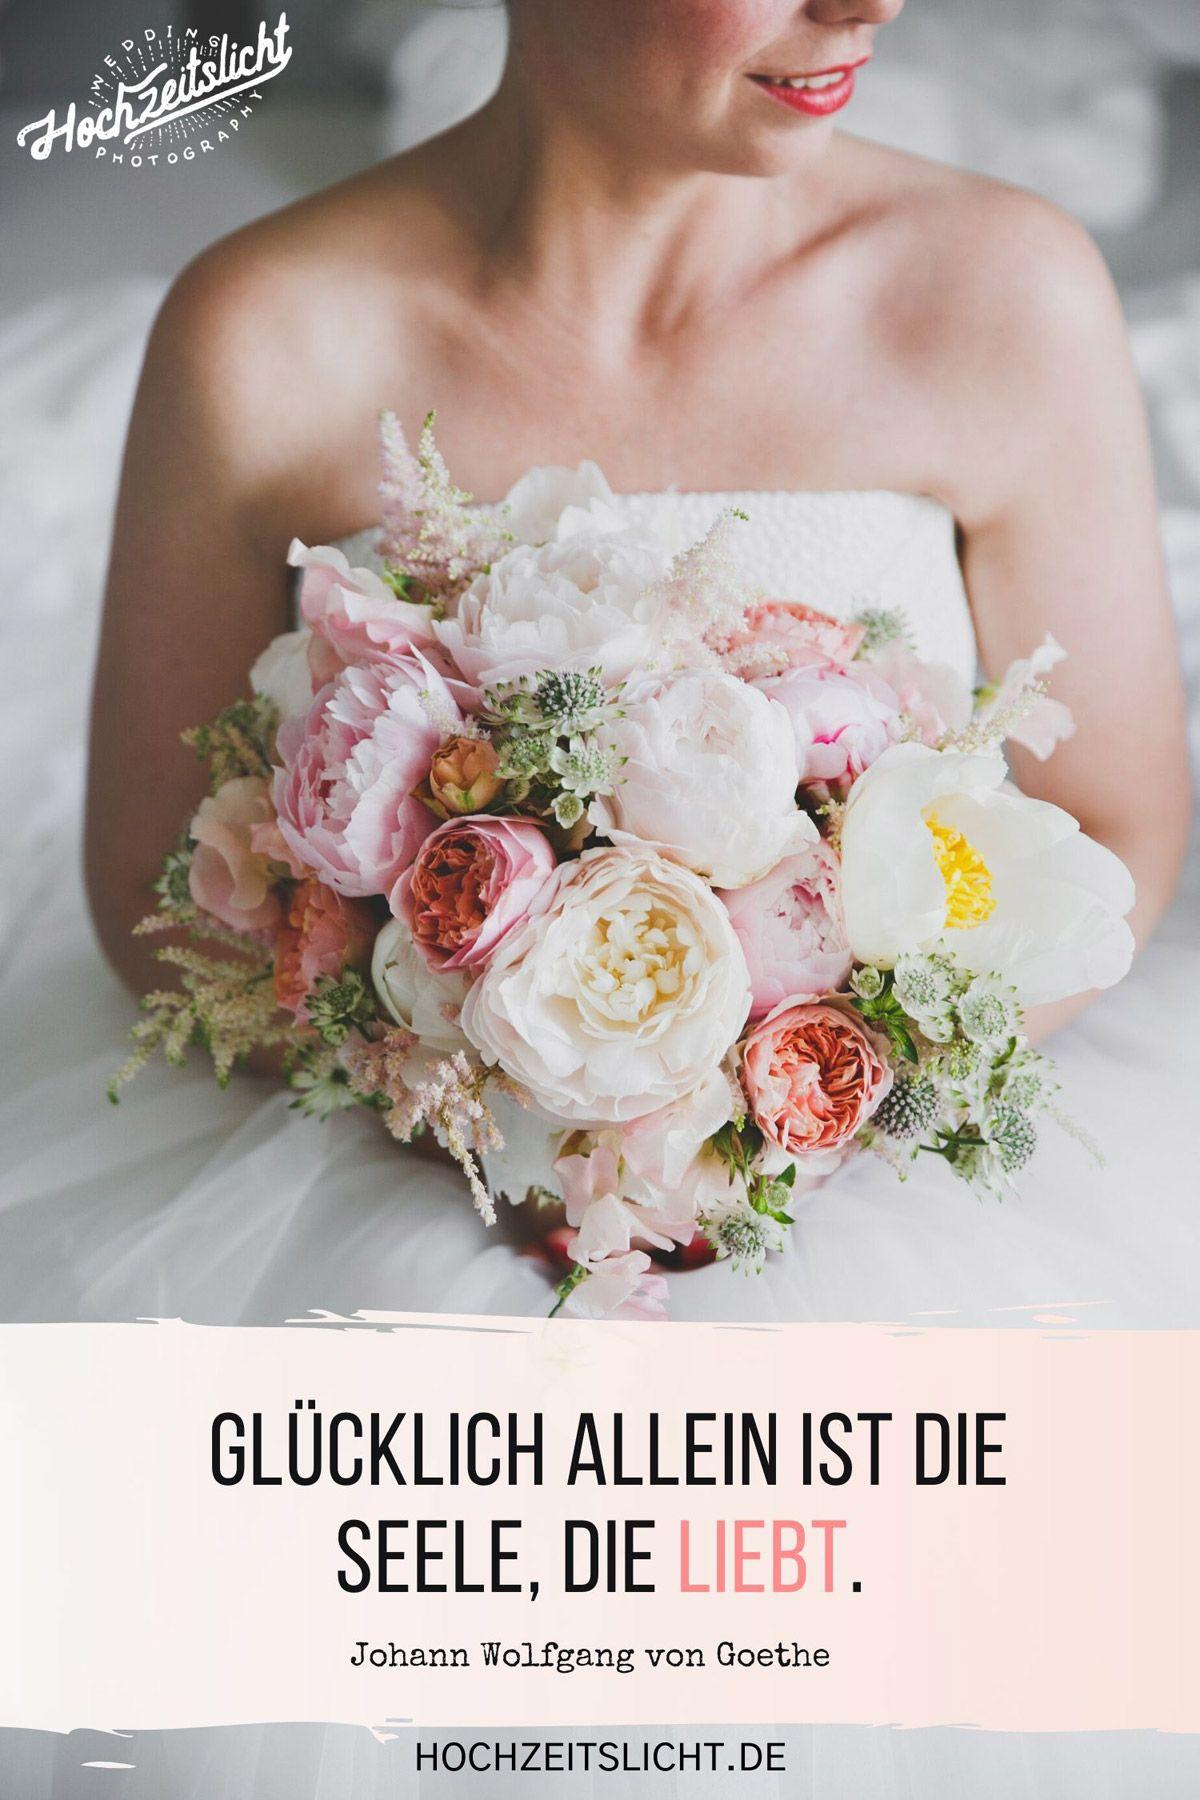 Hochzeit Sprüche und Glückwünsche zur Liebe